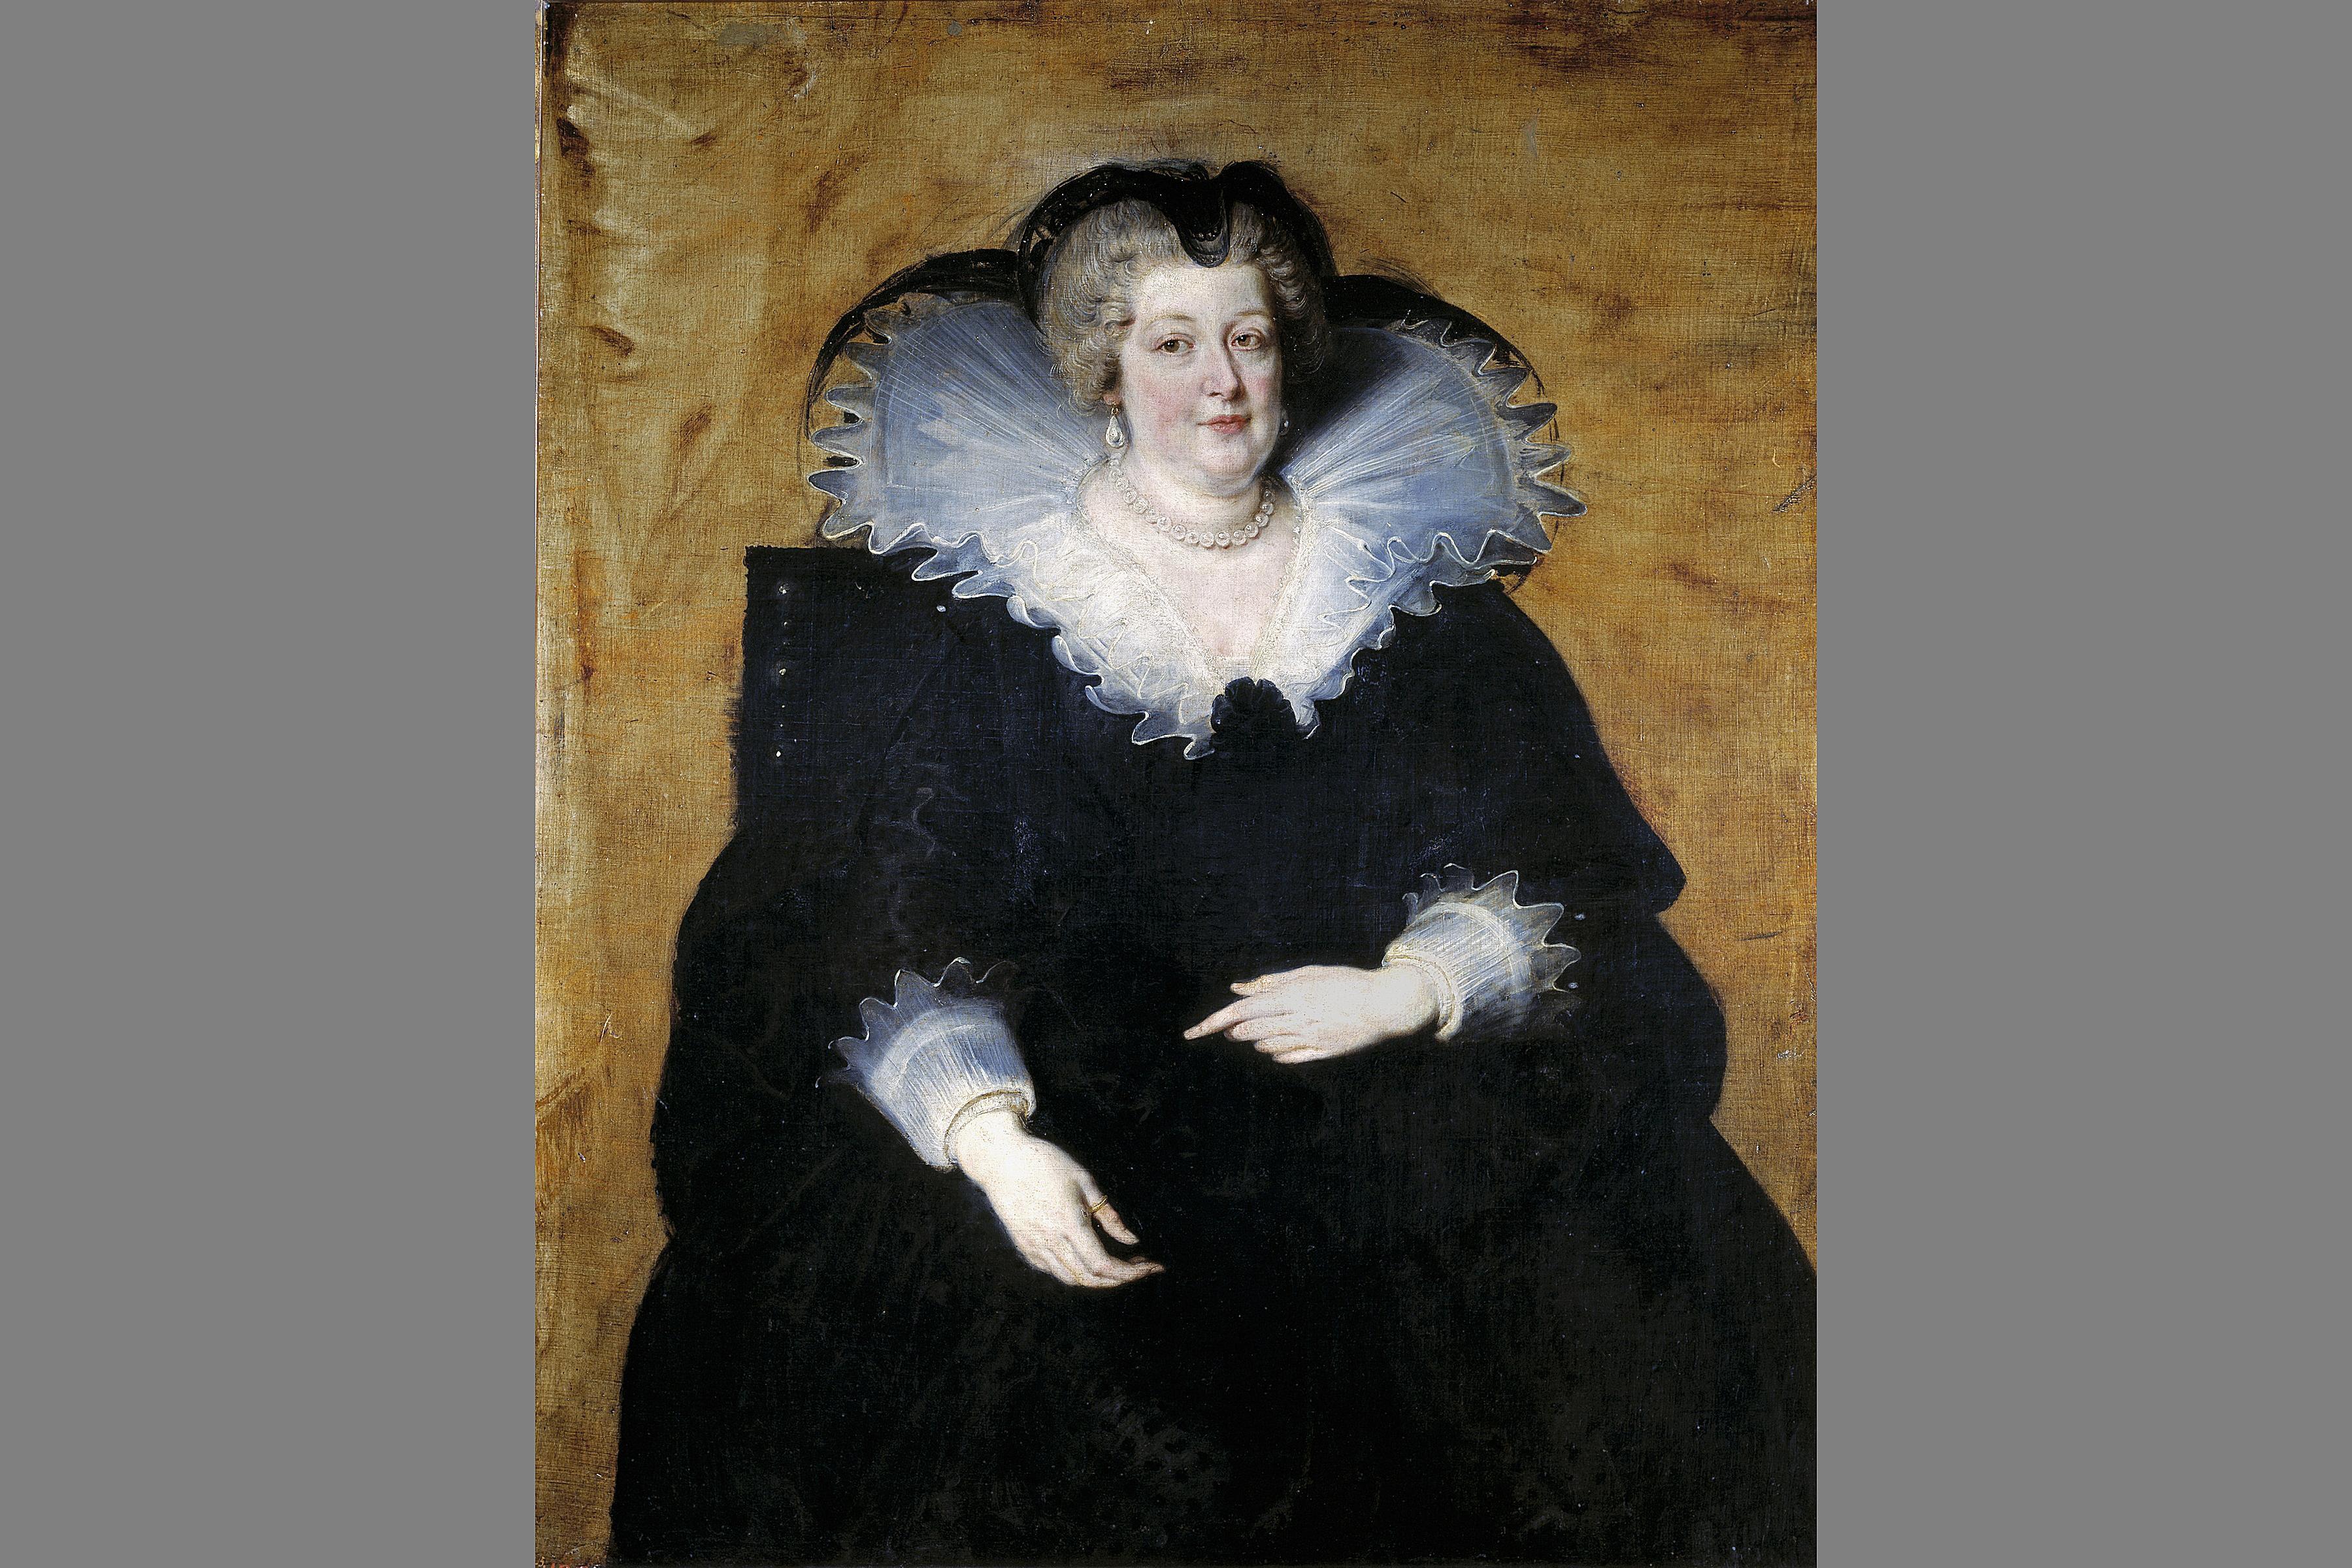 Marie de Medici, Queen of France